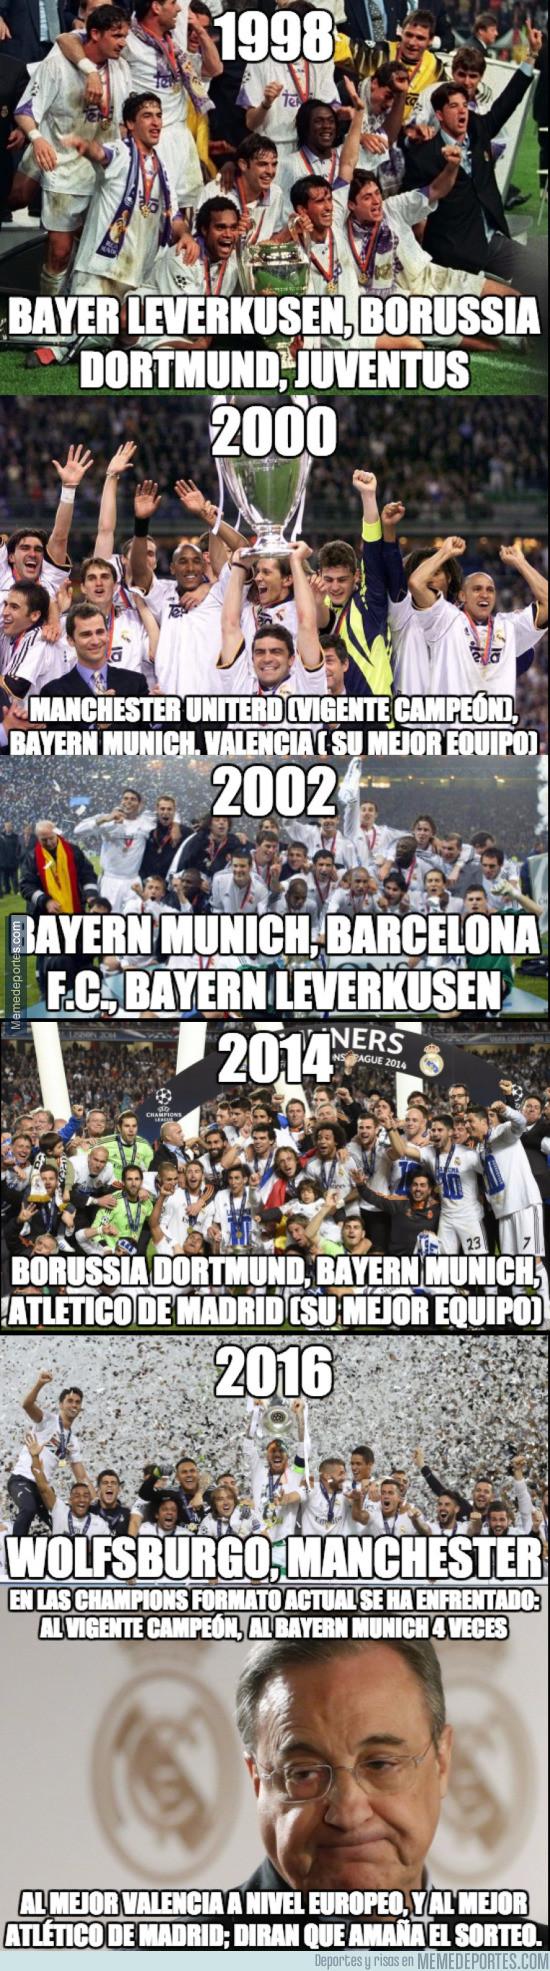 960054 - El Real Madrid convalidando la Bundesliga sin embargo se seguirá hablando de bolas calientes